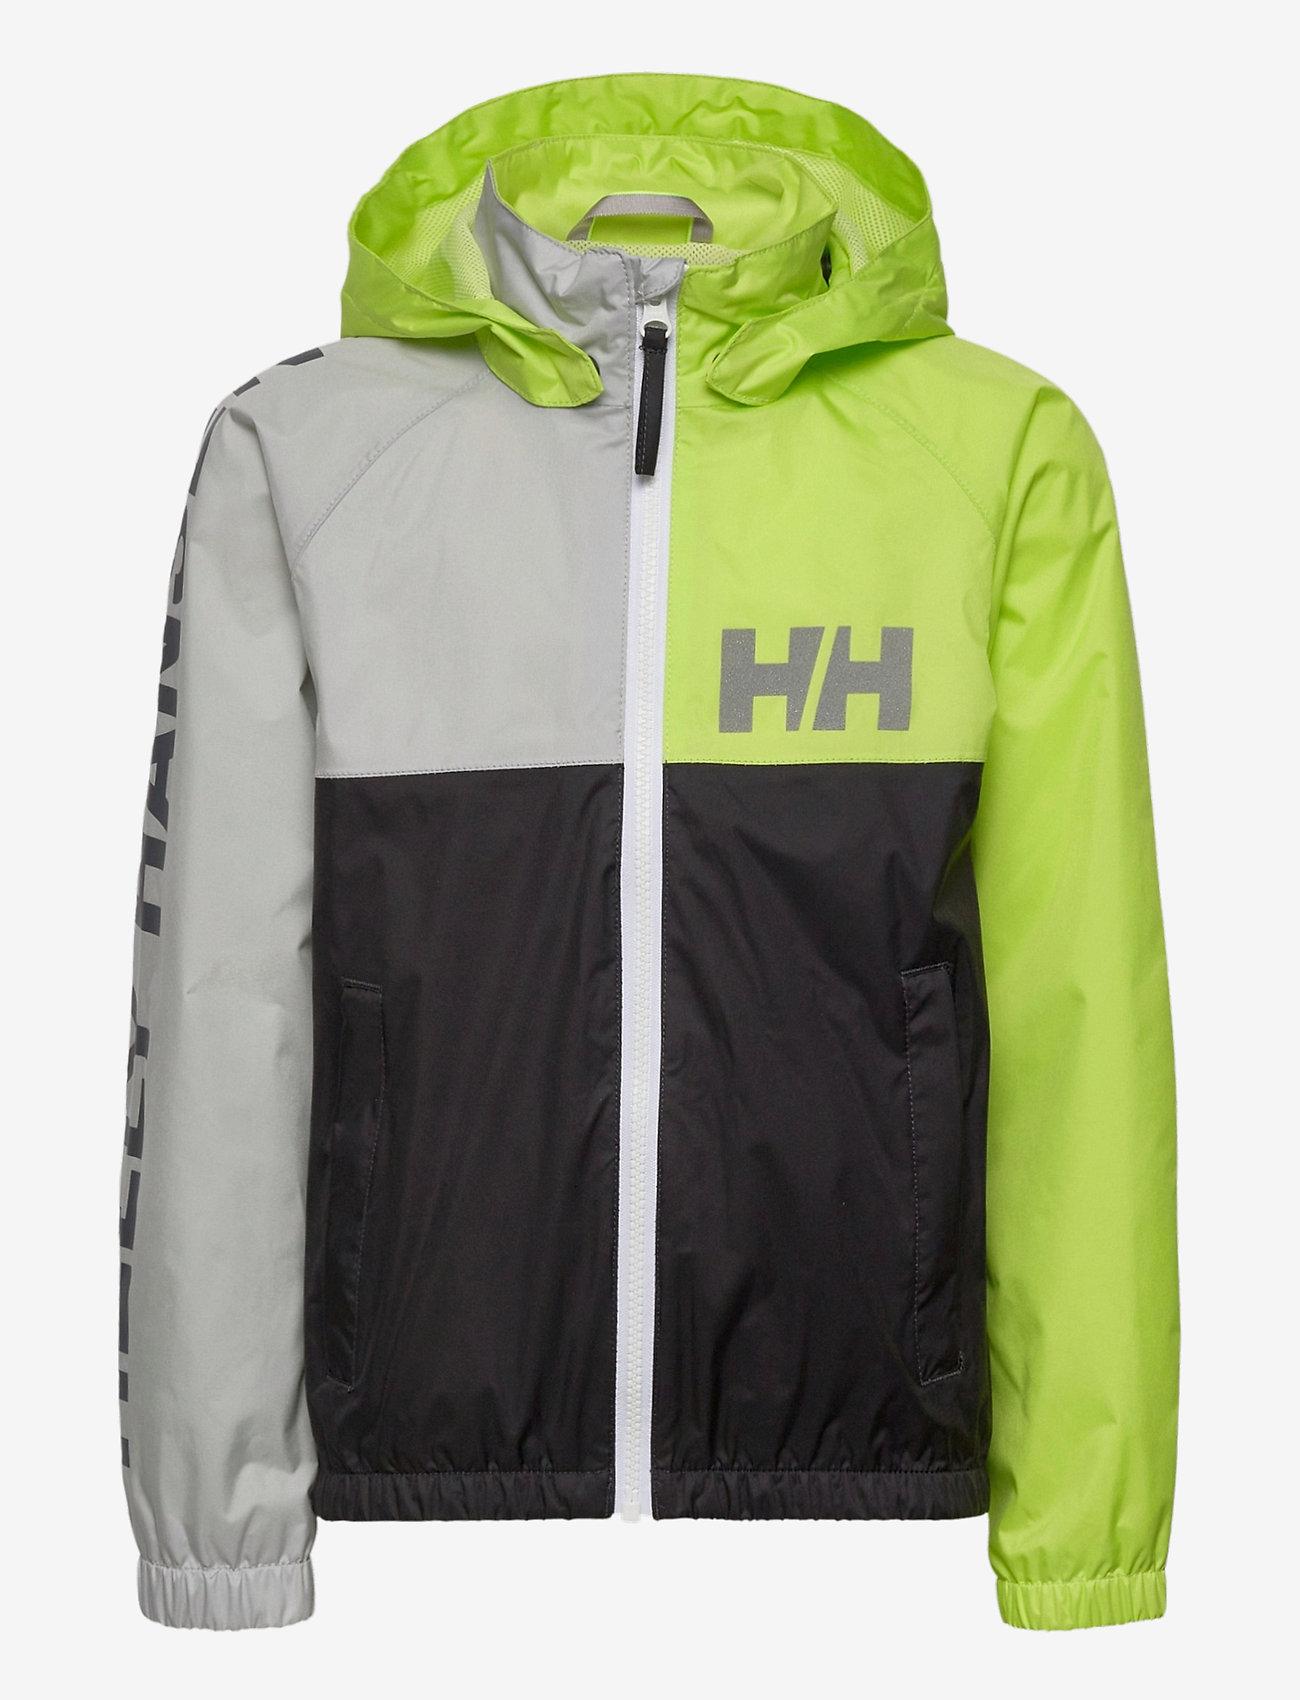 Helly Hansen - K ACTIVE RAIN JACKET - jassen - ebony - 1